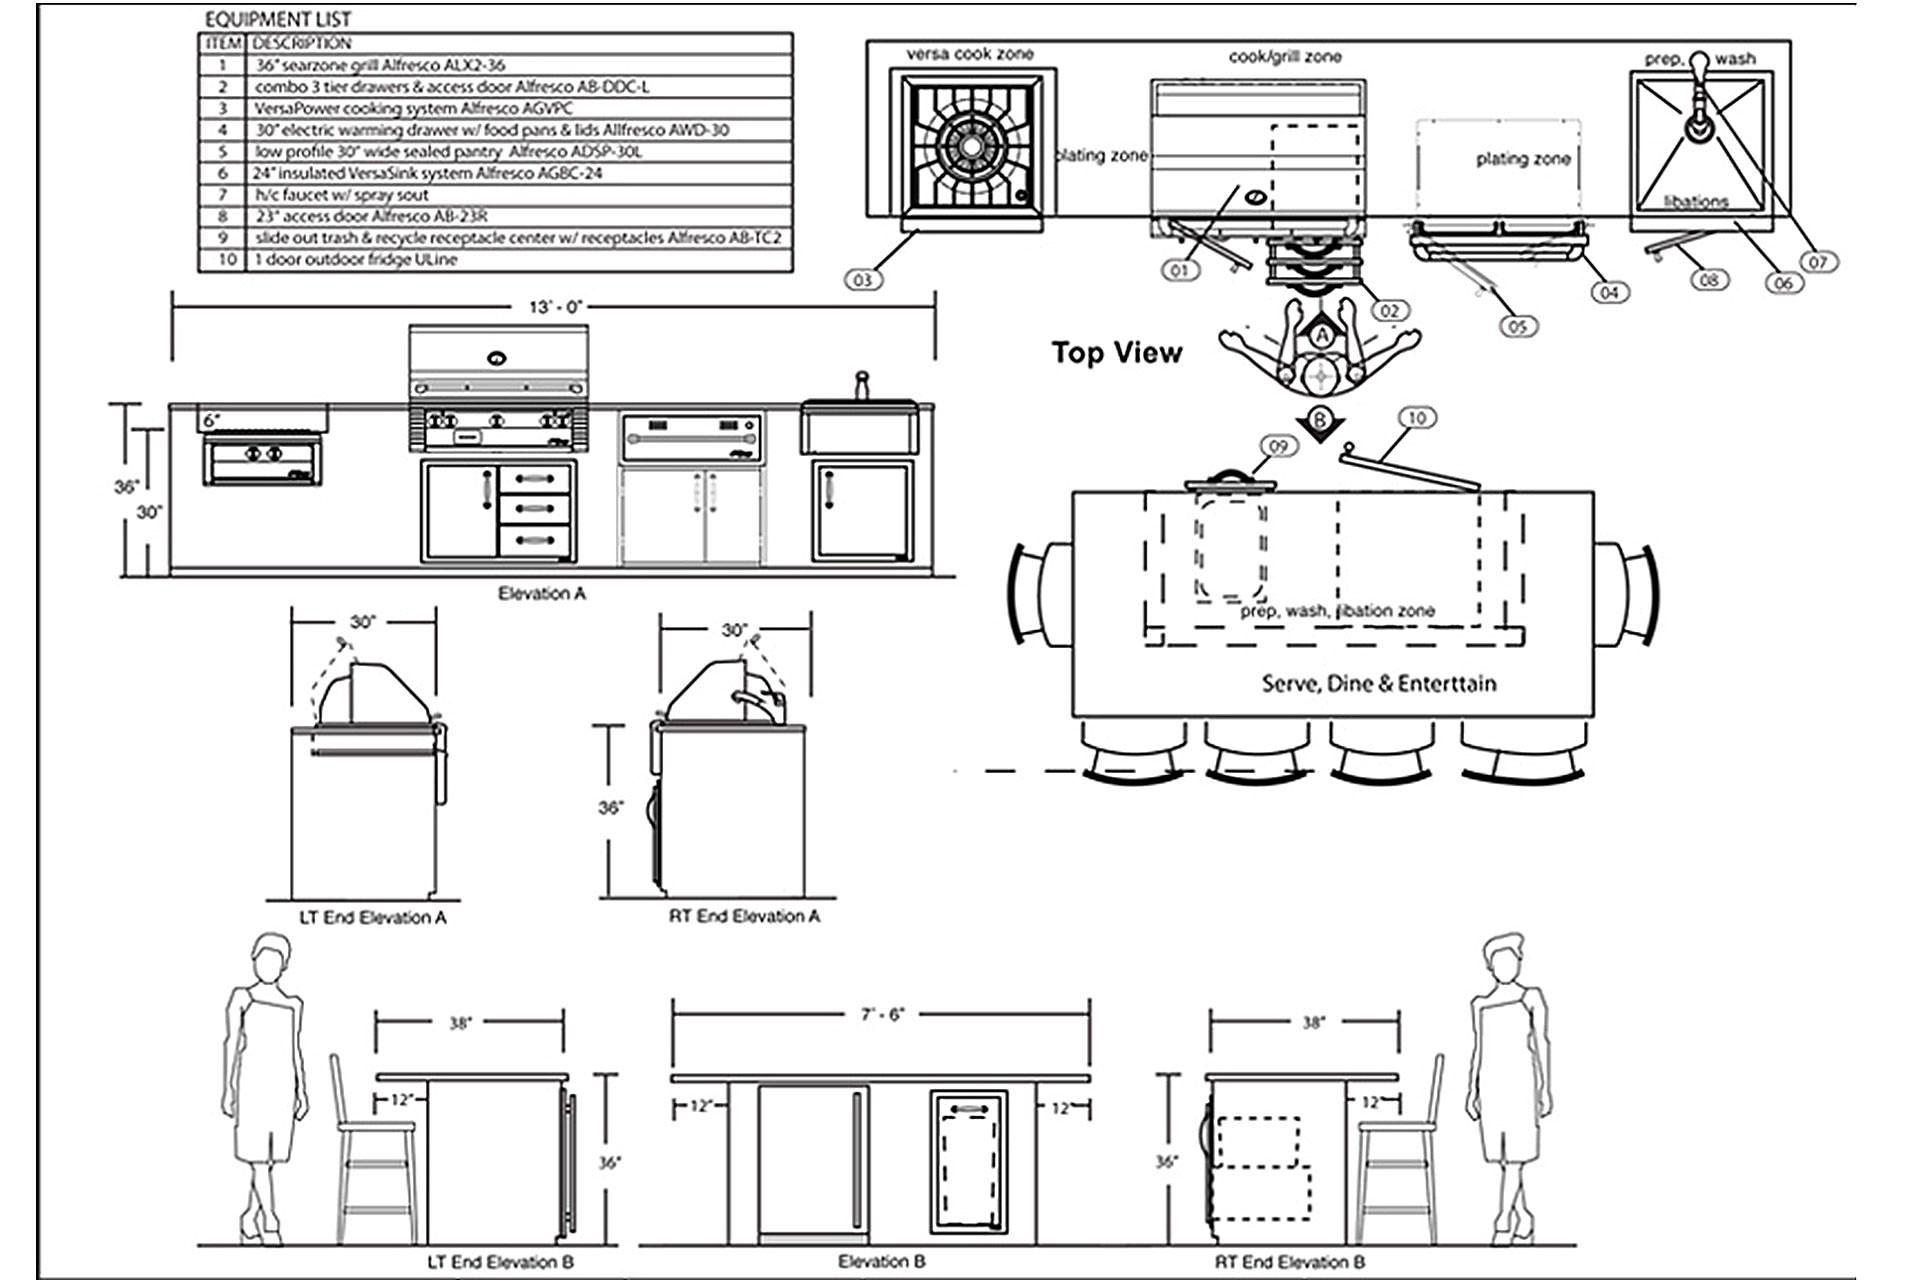 outdoor kitchen plans pdf zitzat com outdoor kitchen plans floor plans online outdoor on outdoor kitchen plans layout id=99590